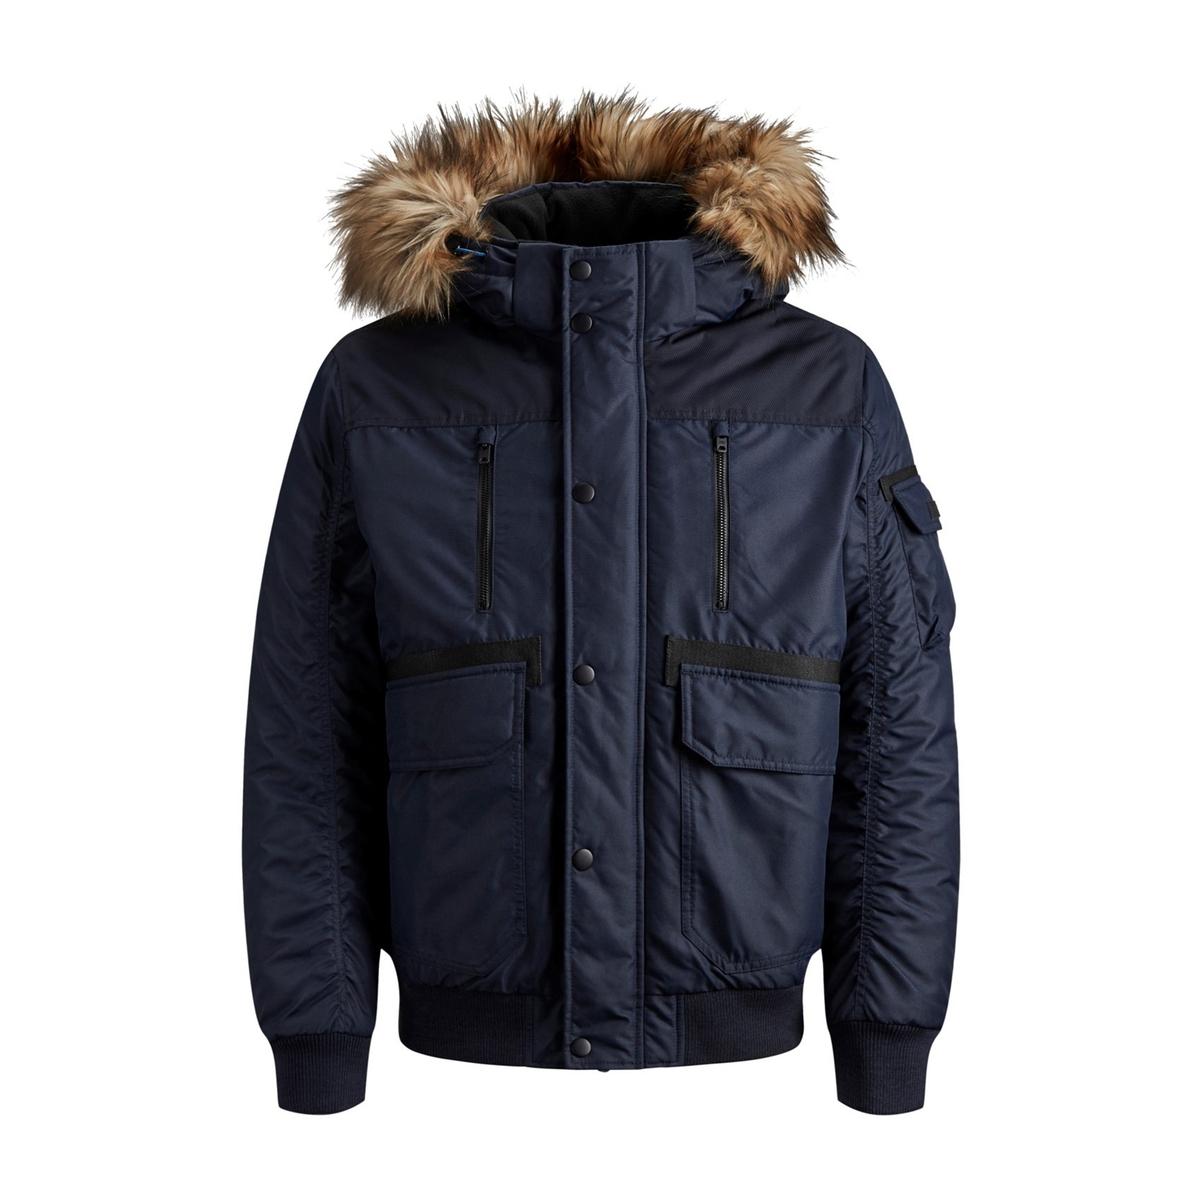 Куртка La Redoute Утепленная с капюшоном Jcoglobe Bomber S синий